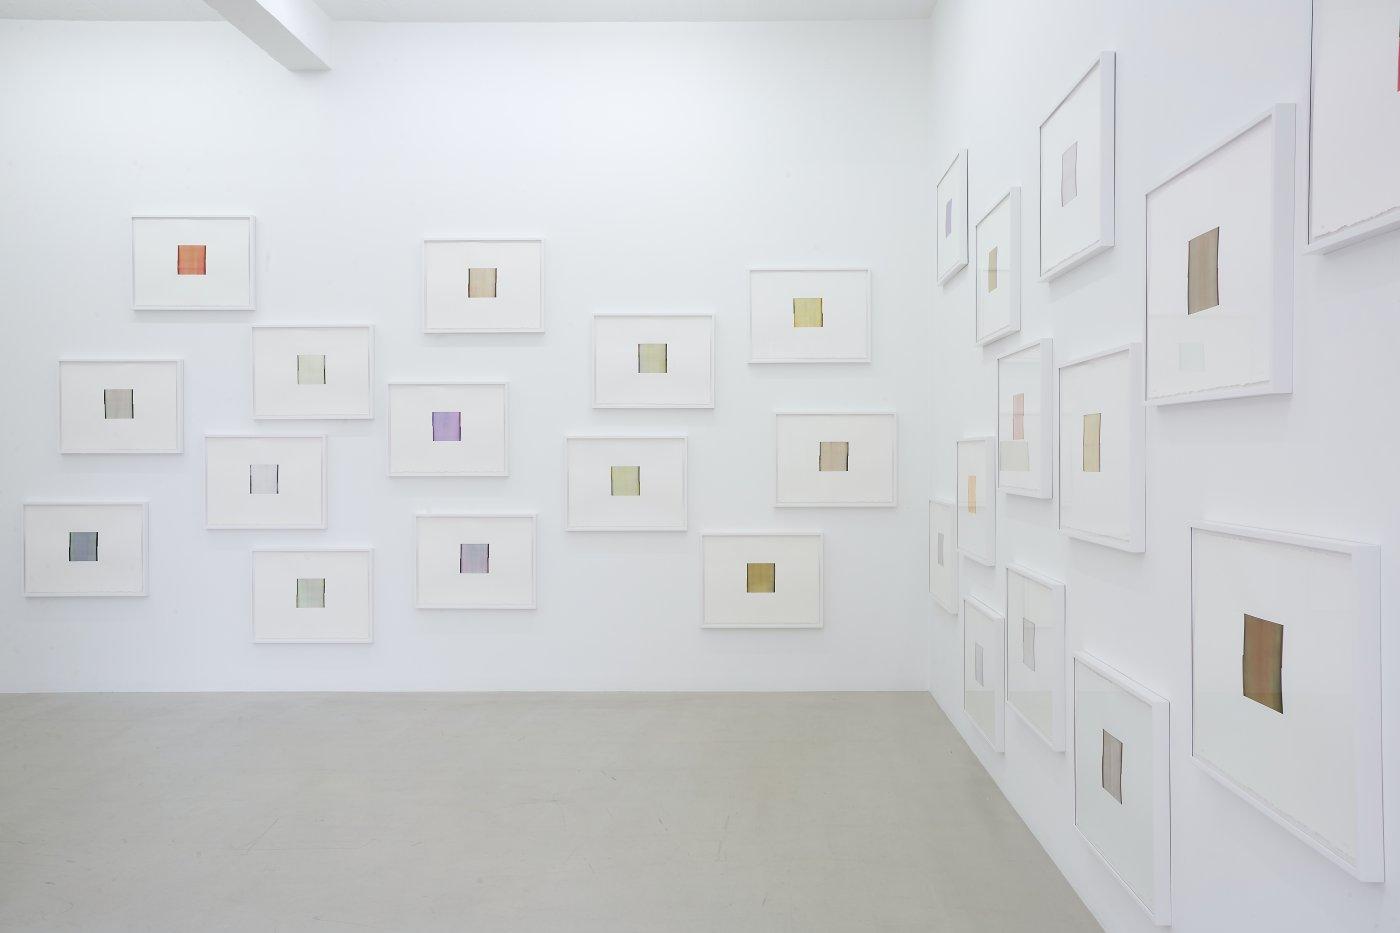 i8 Gallery Callum Innes 4